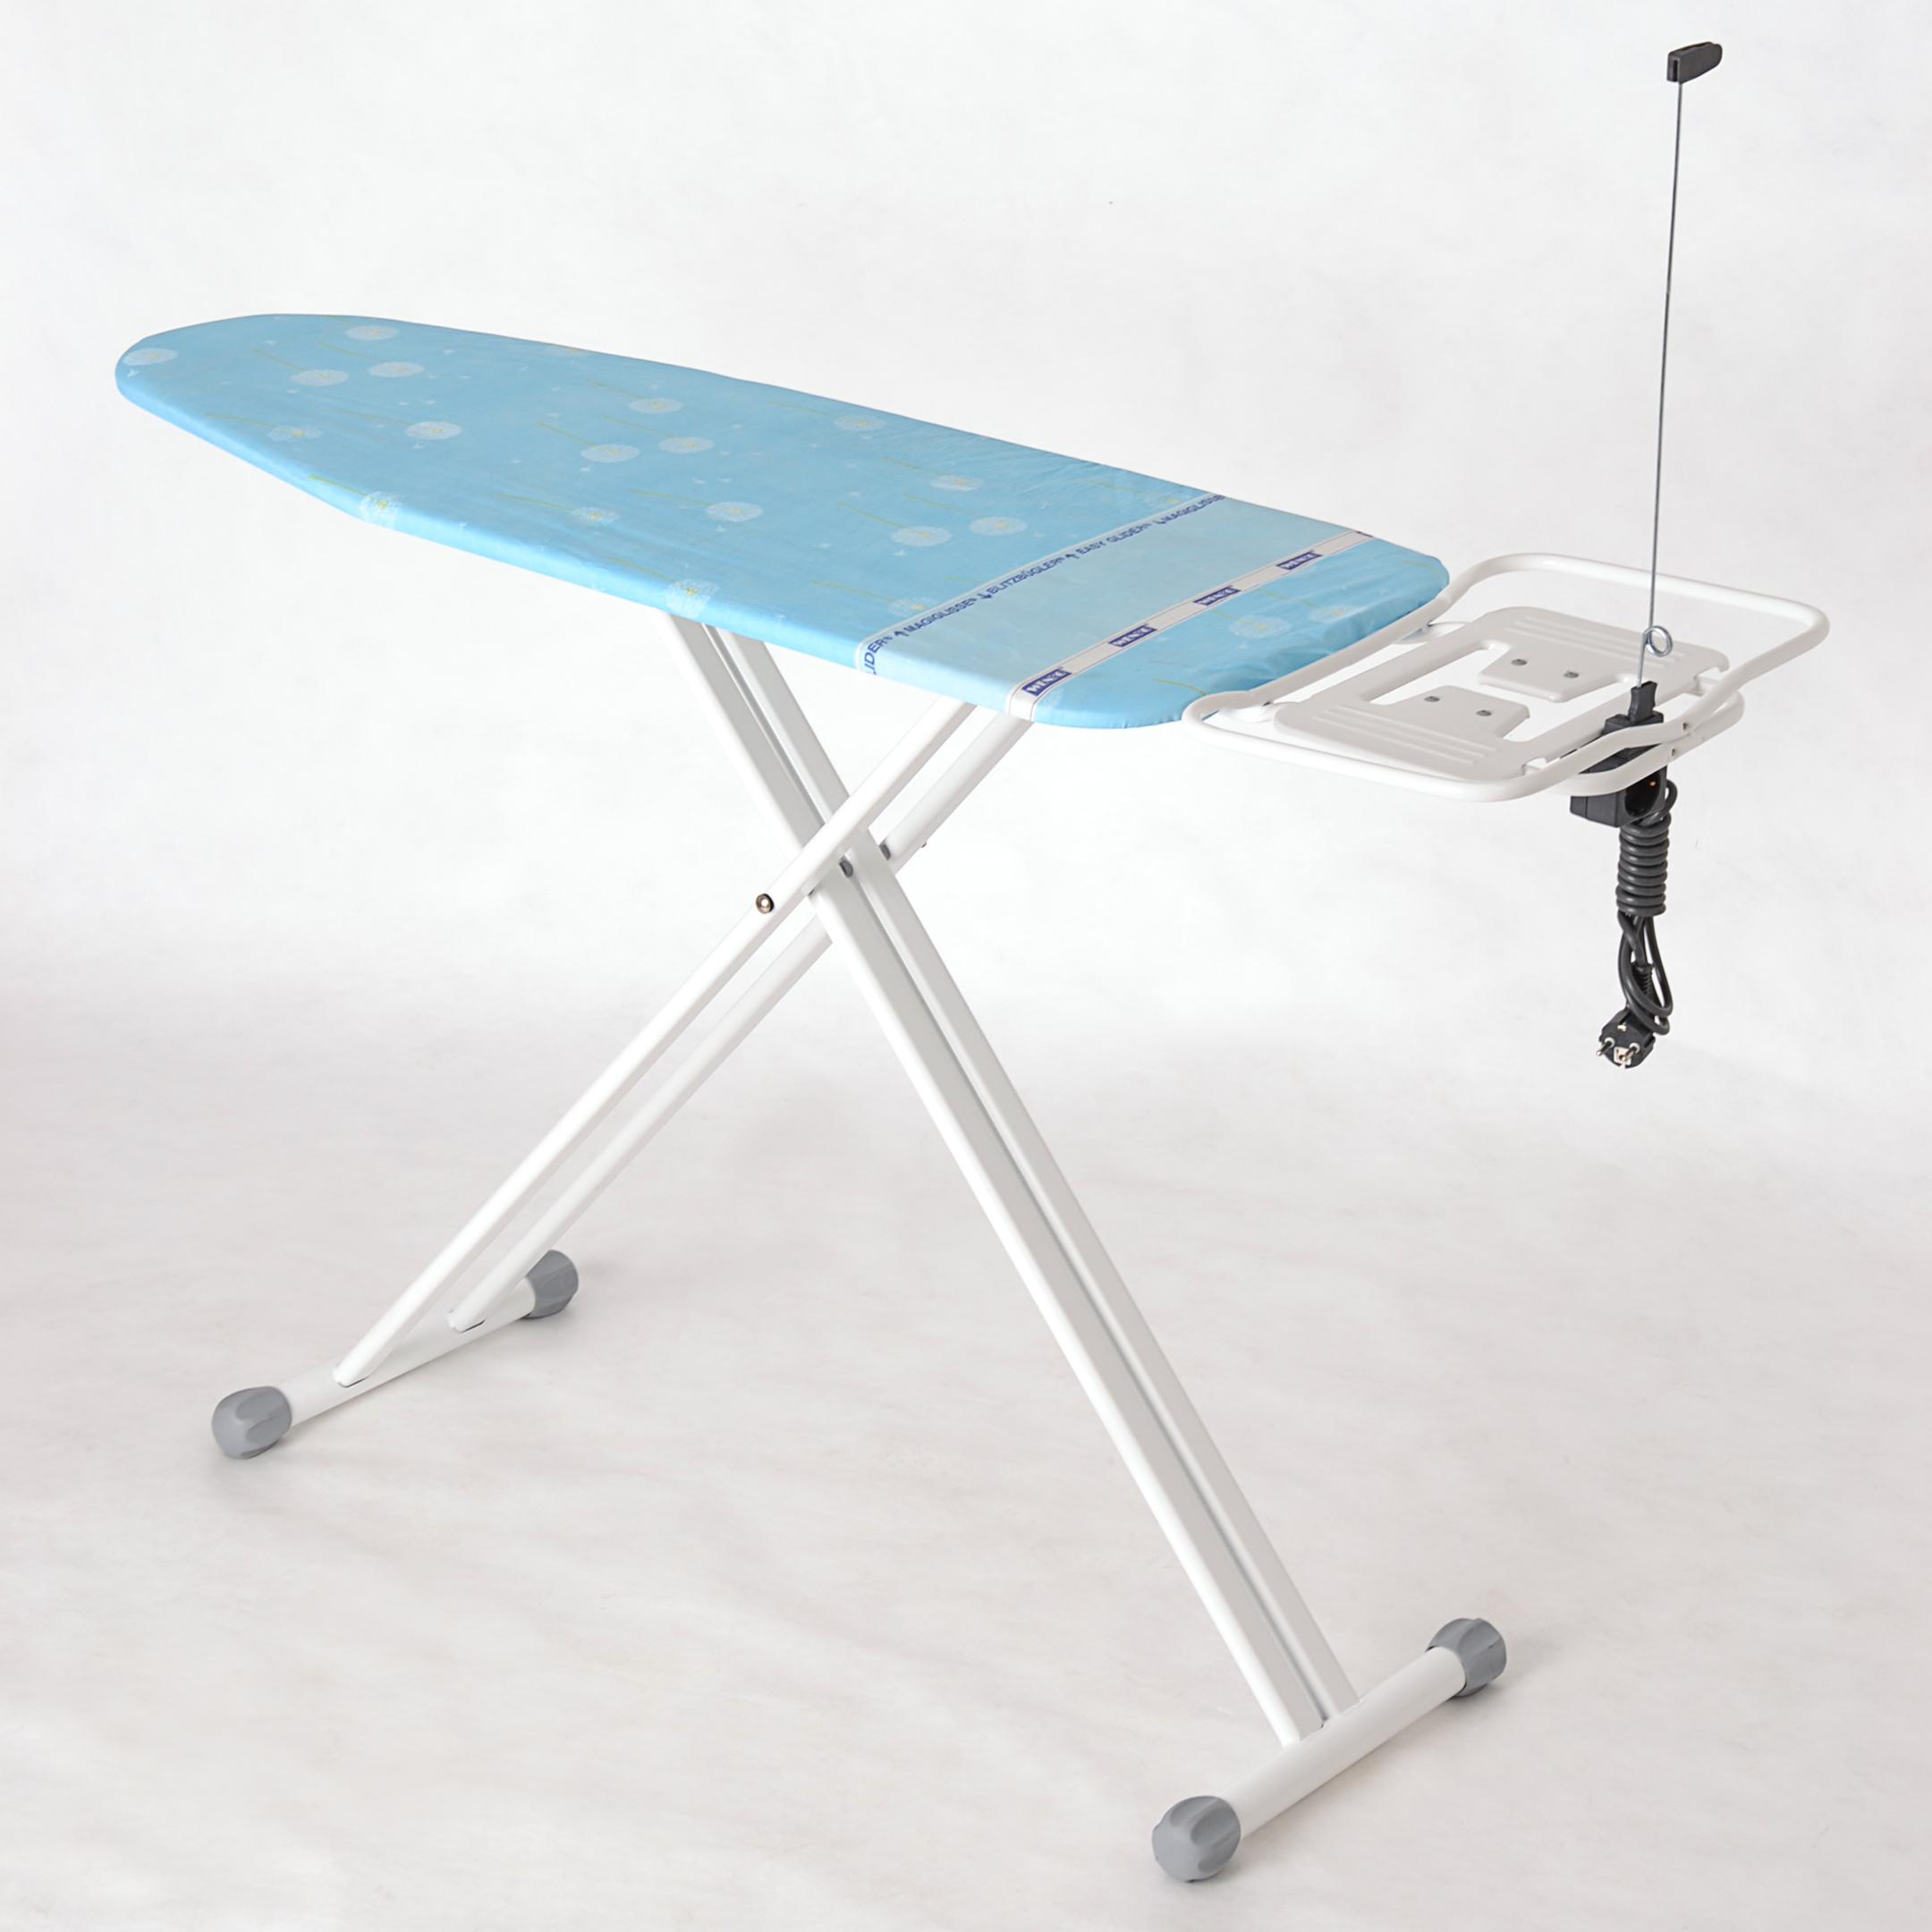 wenko b geltisch b gelbrettbezug b gelbrett b gelcenter dampfb gelstation ebay. Black Bedroom Furniture Sets. Home Design Ideas